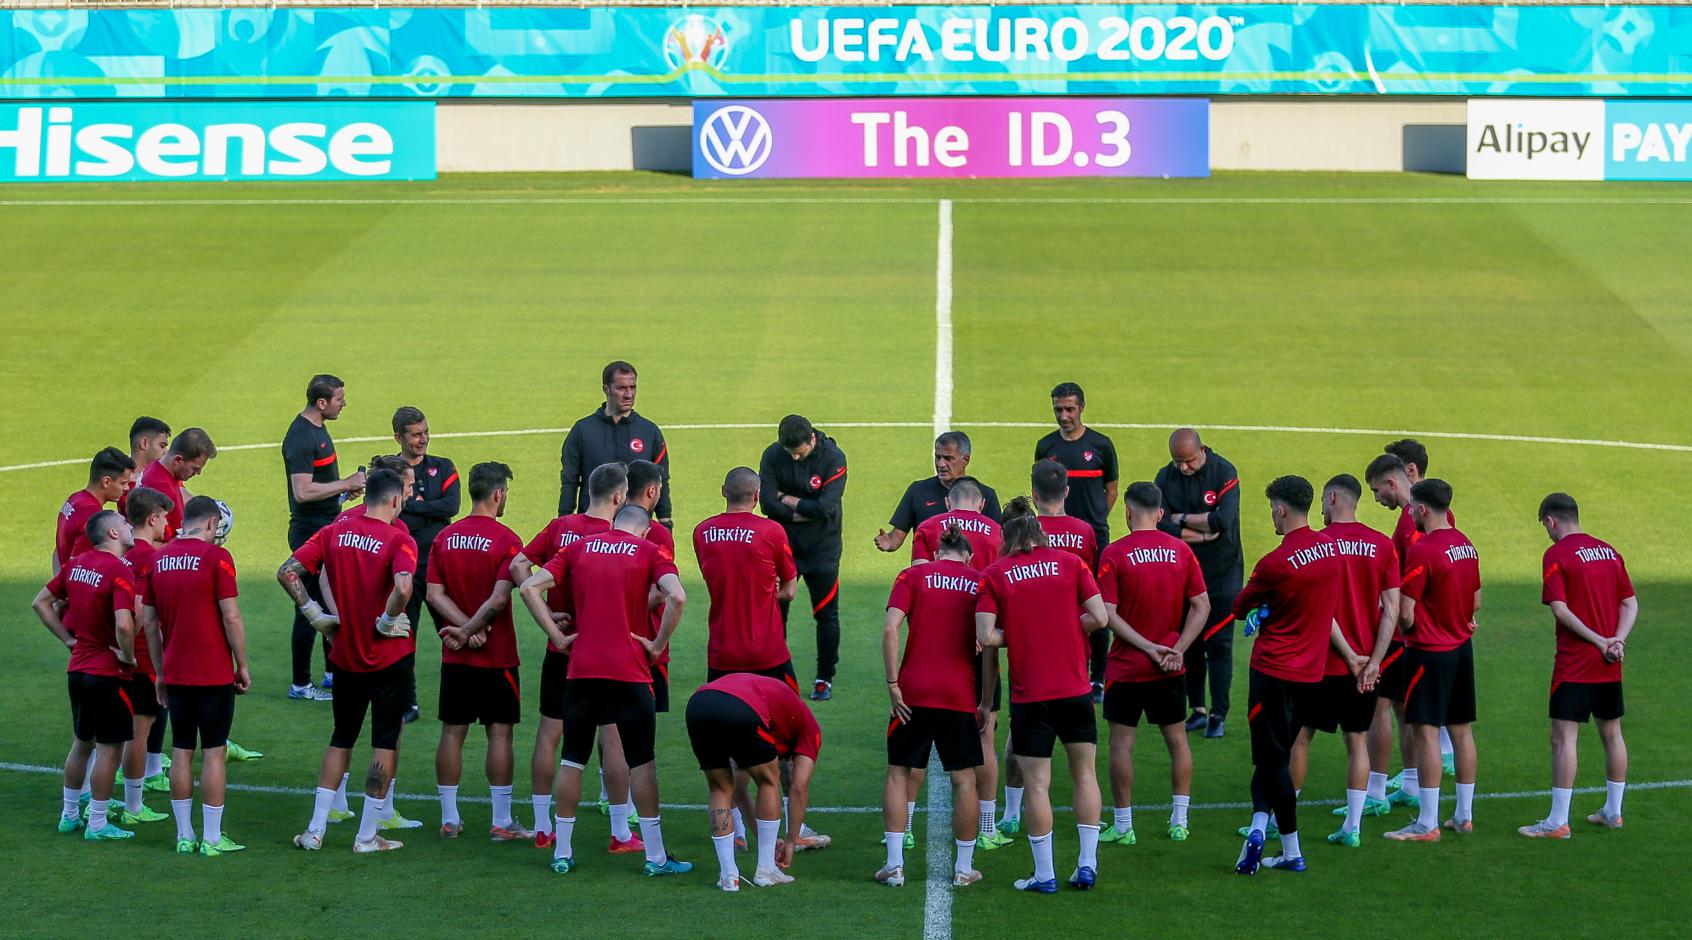 Сборная Турции может стать худшей командой в истории чемпионатов Европы